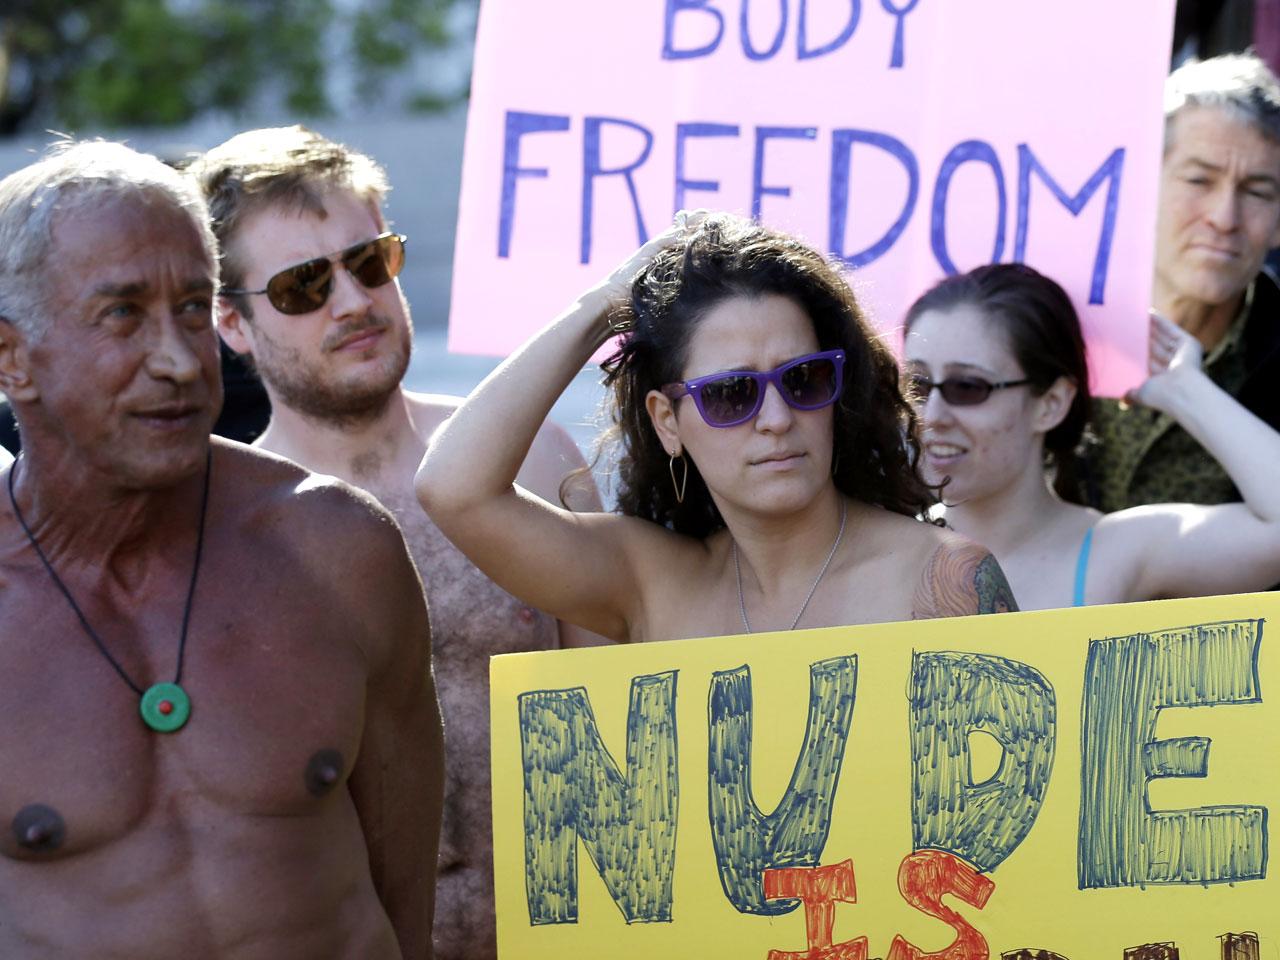 Something nudist san jose california opinion you